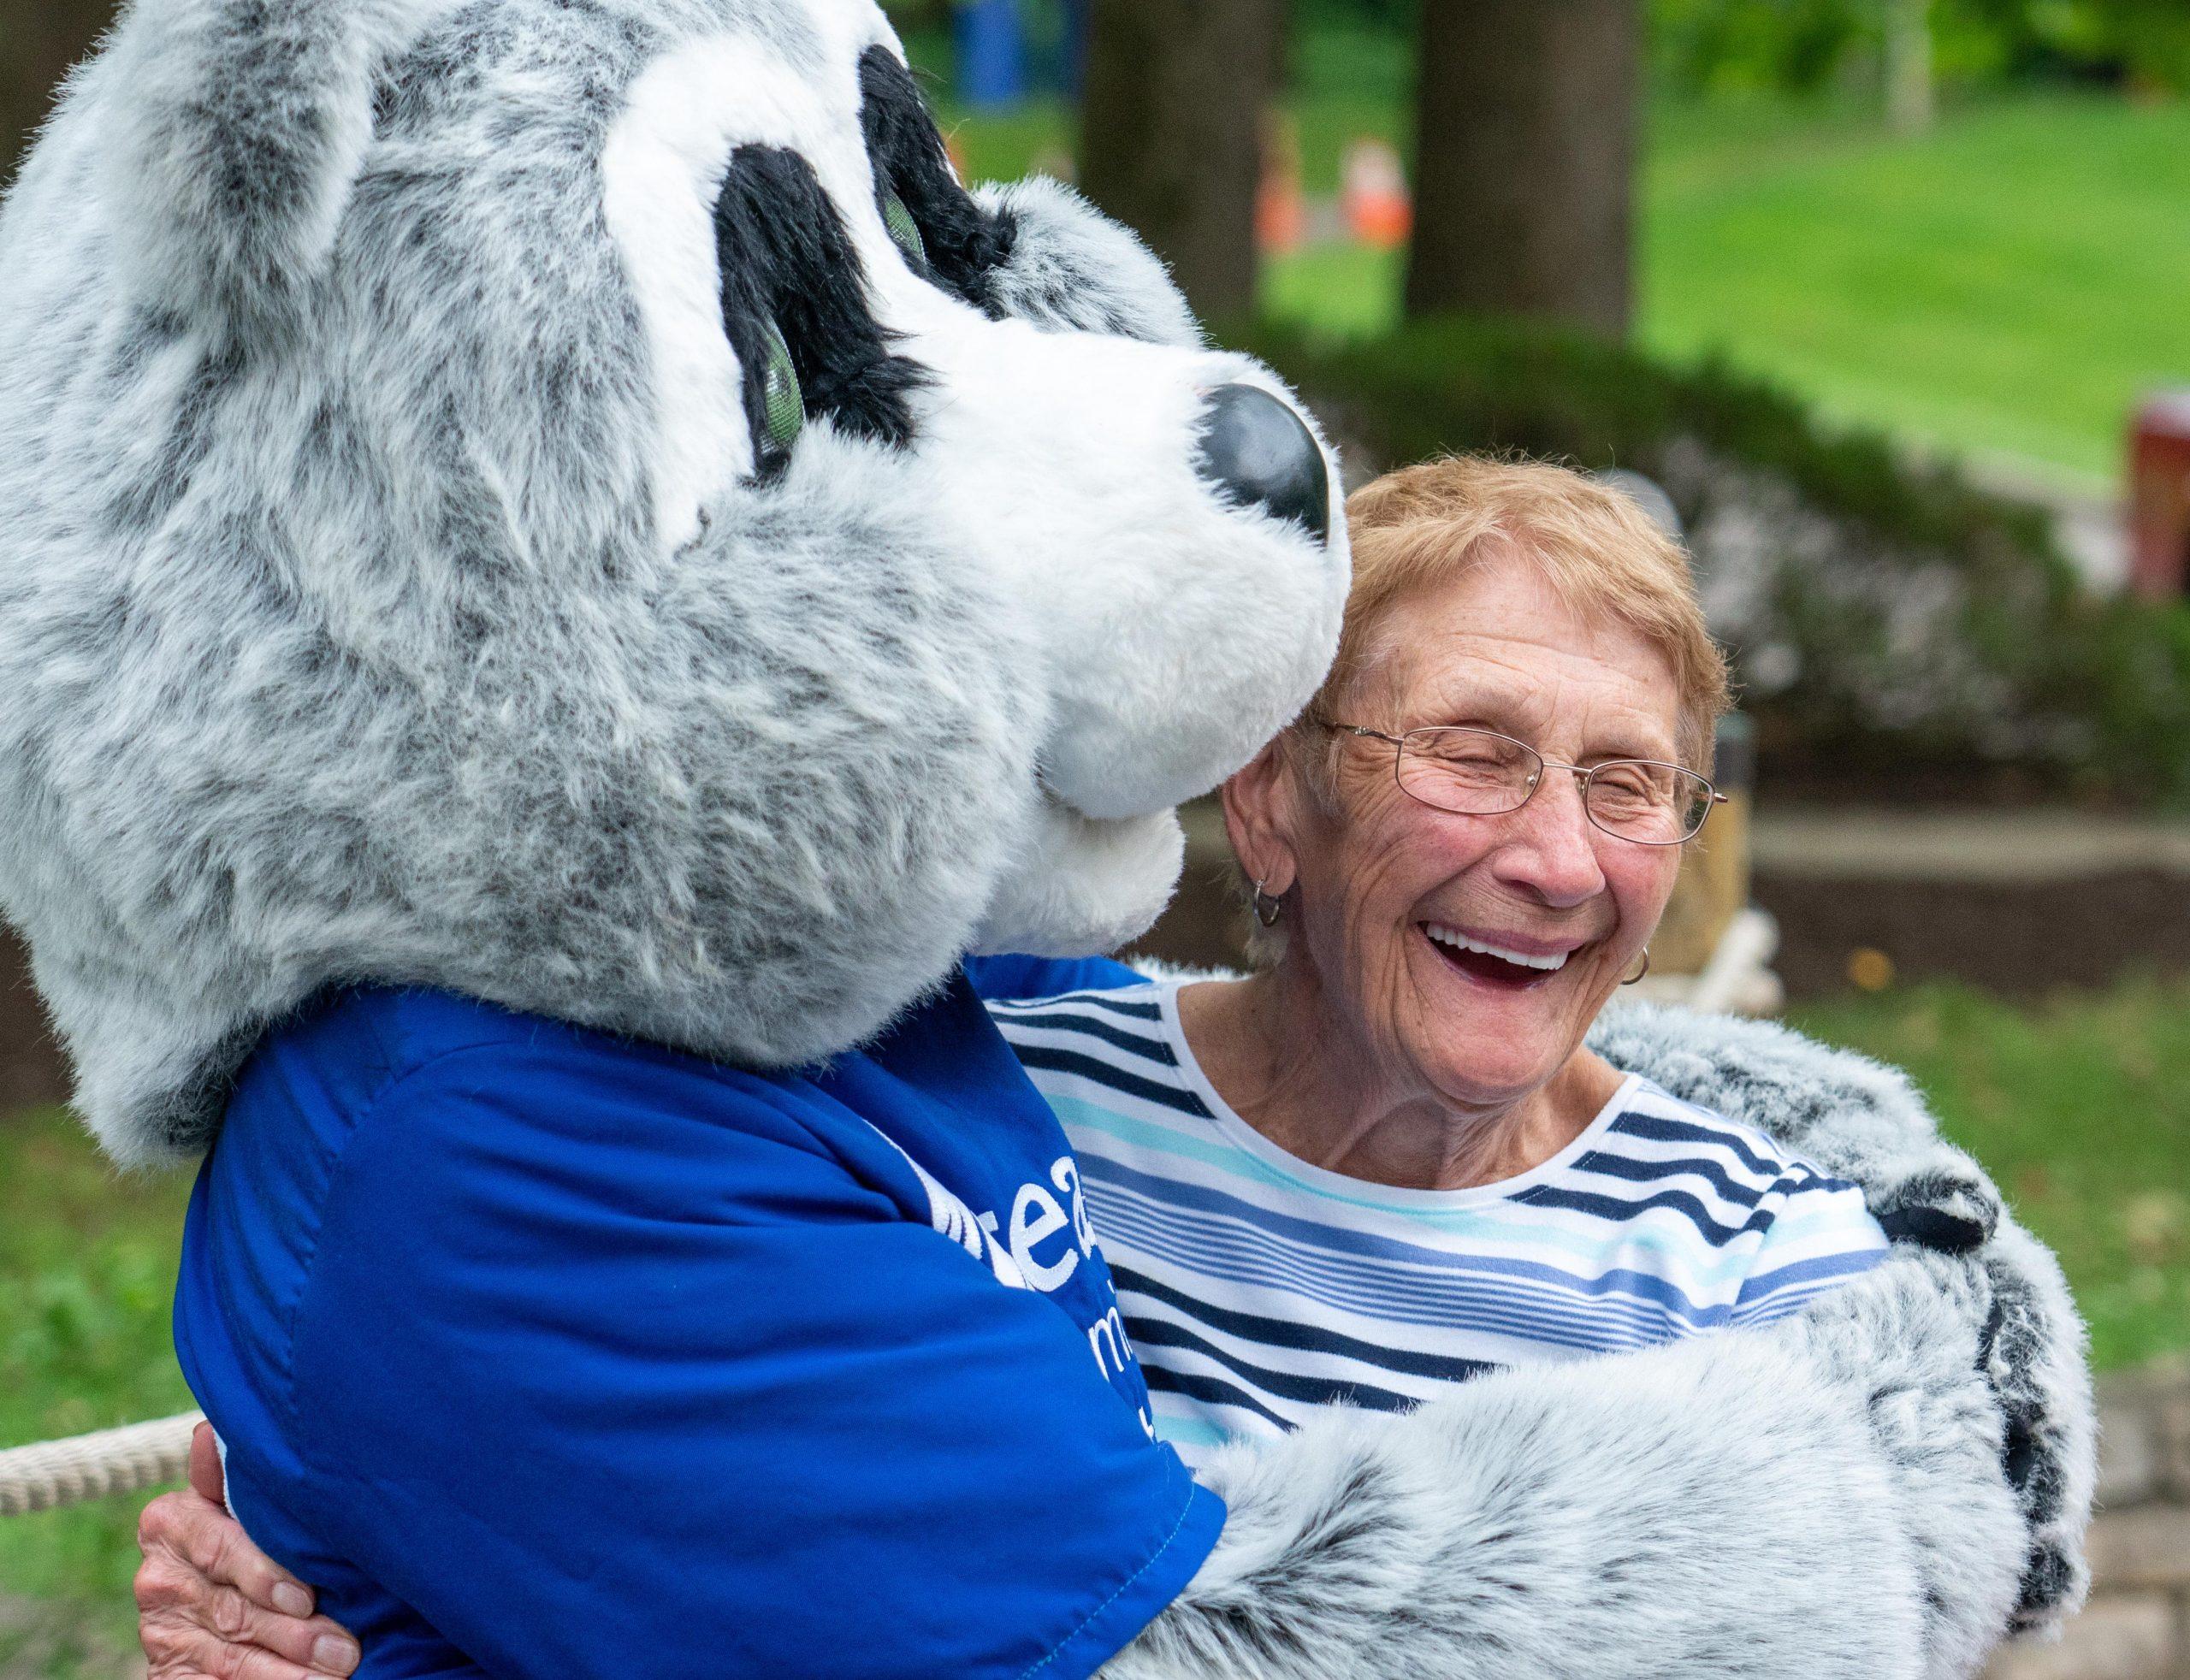 Parky the Raccoon hugs a guest at Lake Isabella.